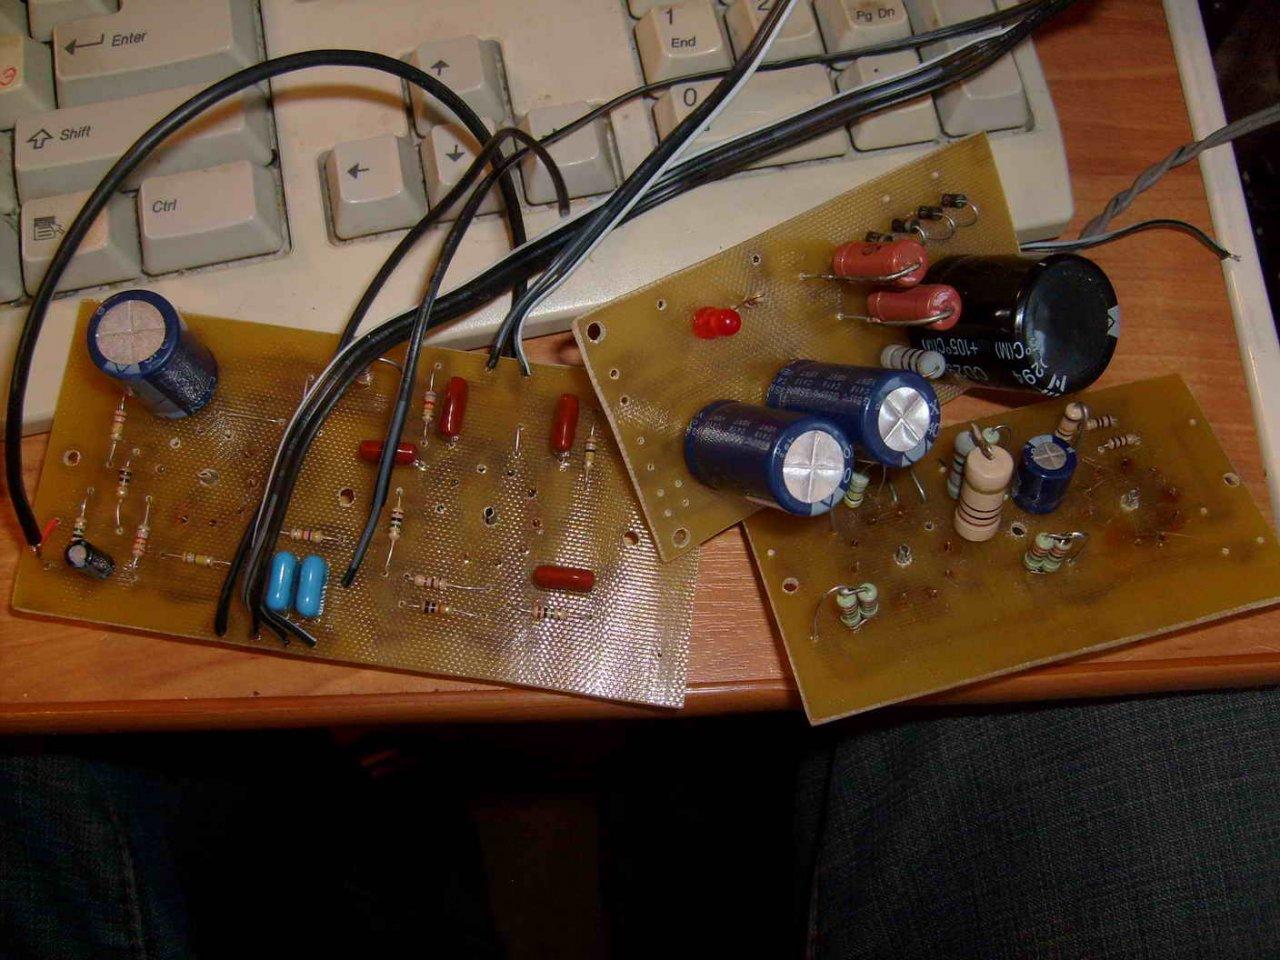 ламповый усилитель на 6с33с драйвер на 6н8с схема